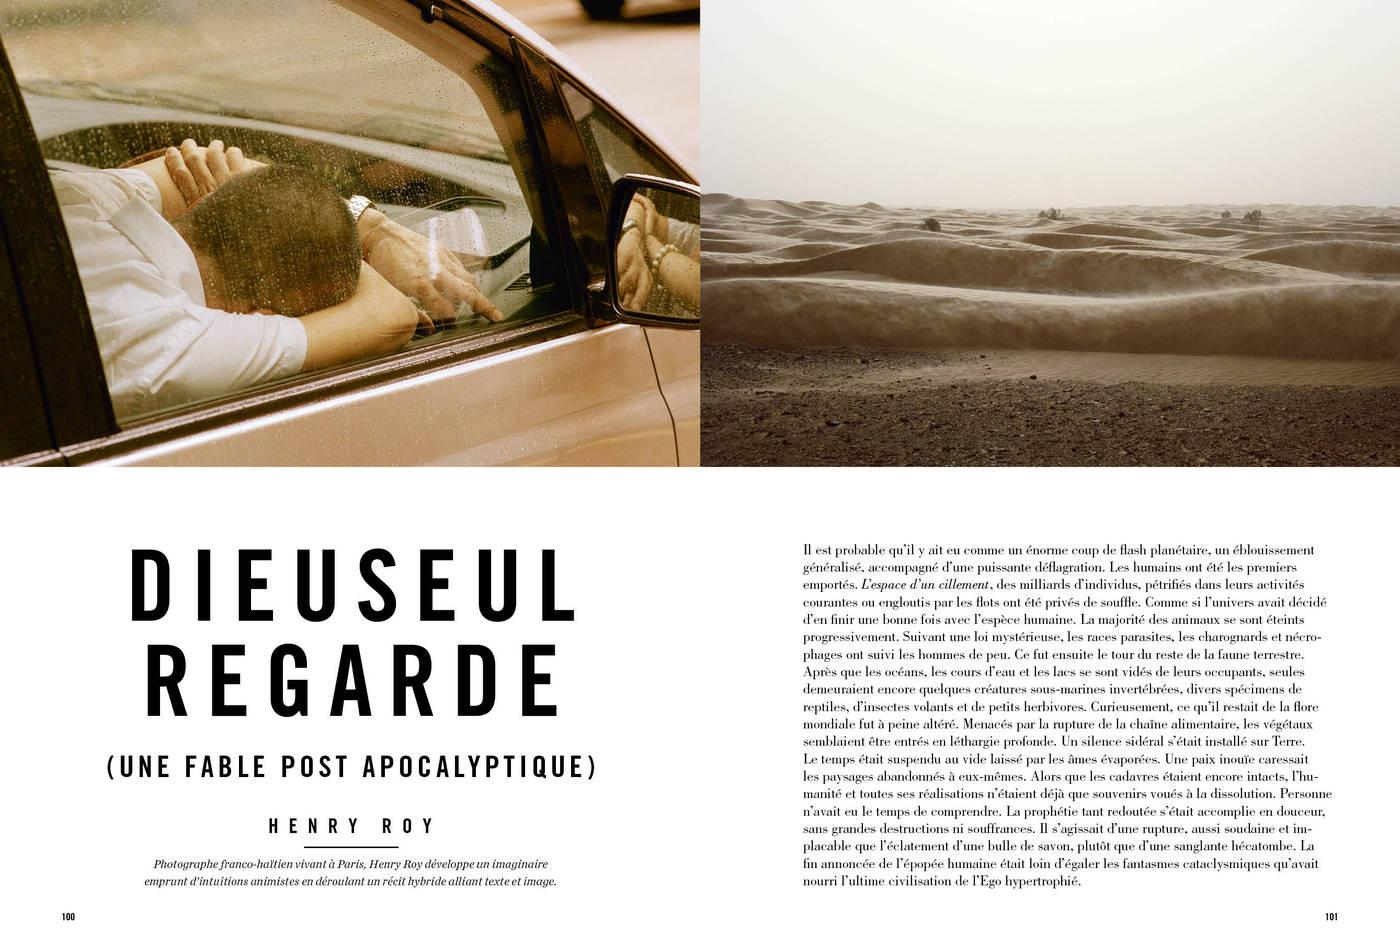 Texte et photographies d'Henry Roy, Dieuseul regarde